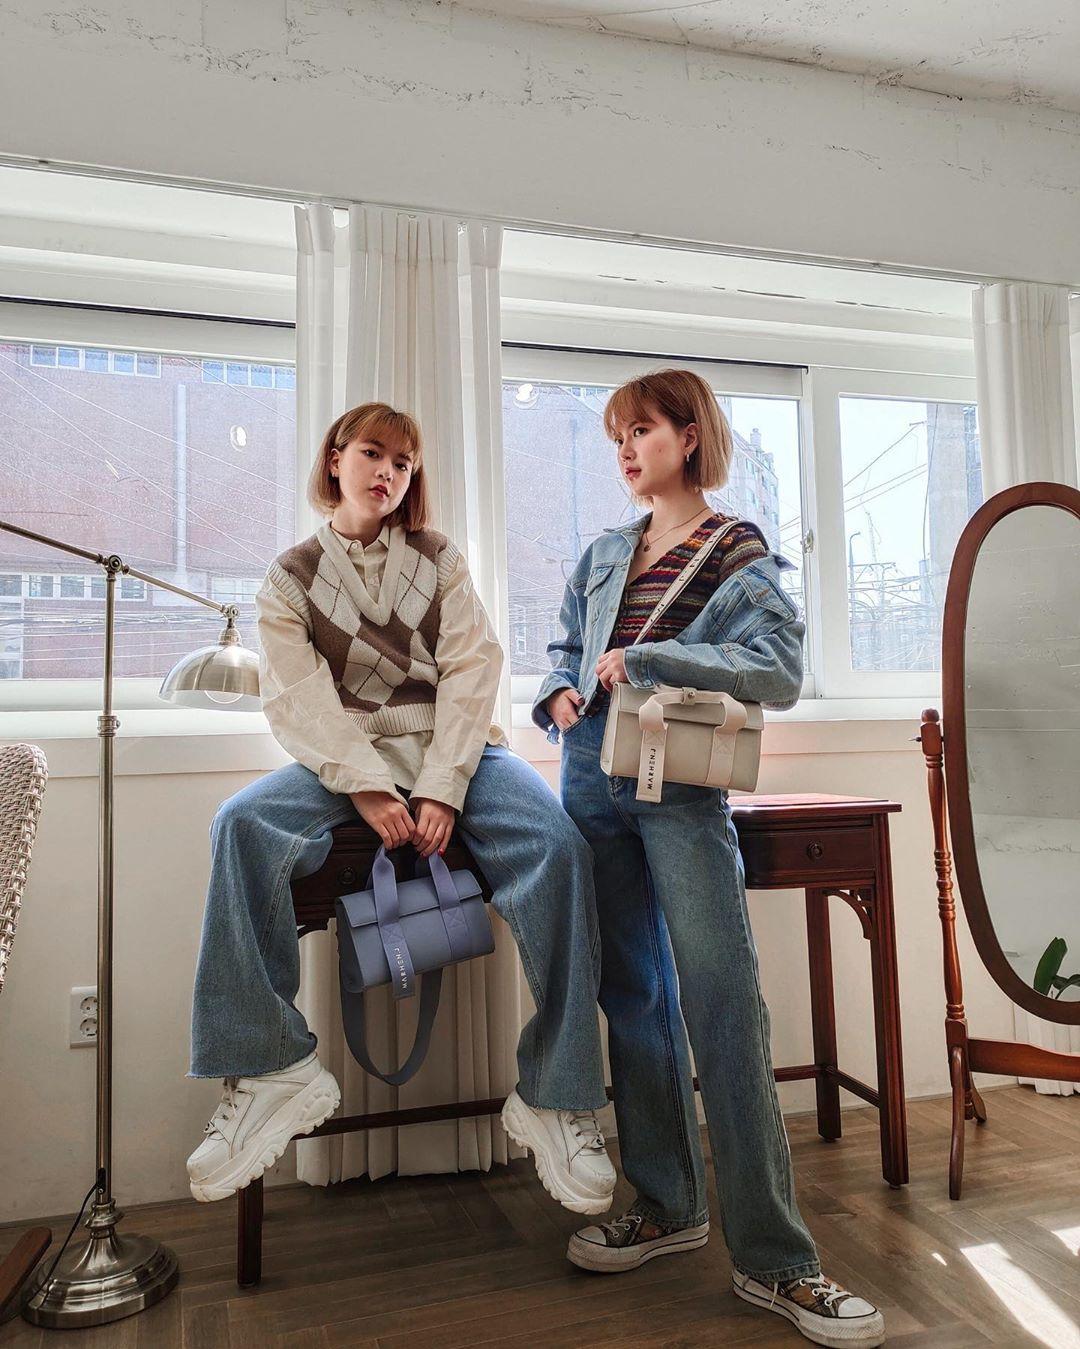 phong cách thời trang retro áo khoác denim on denim